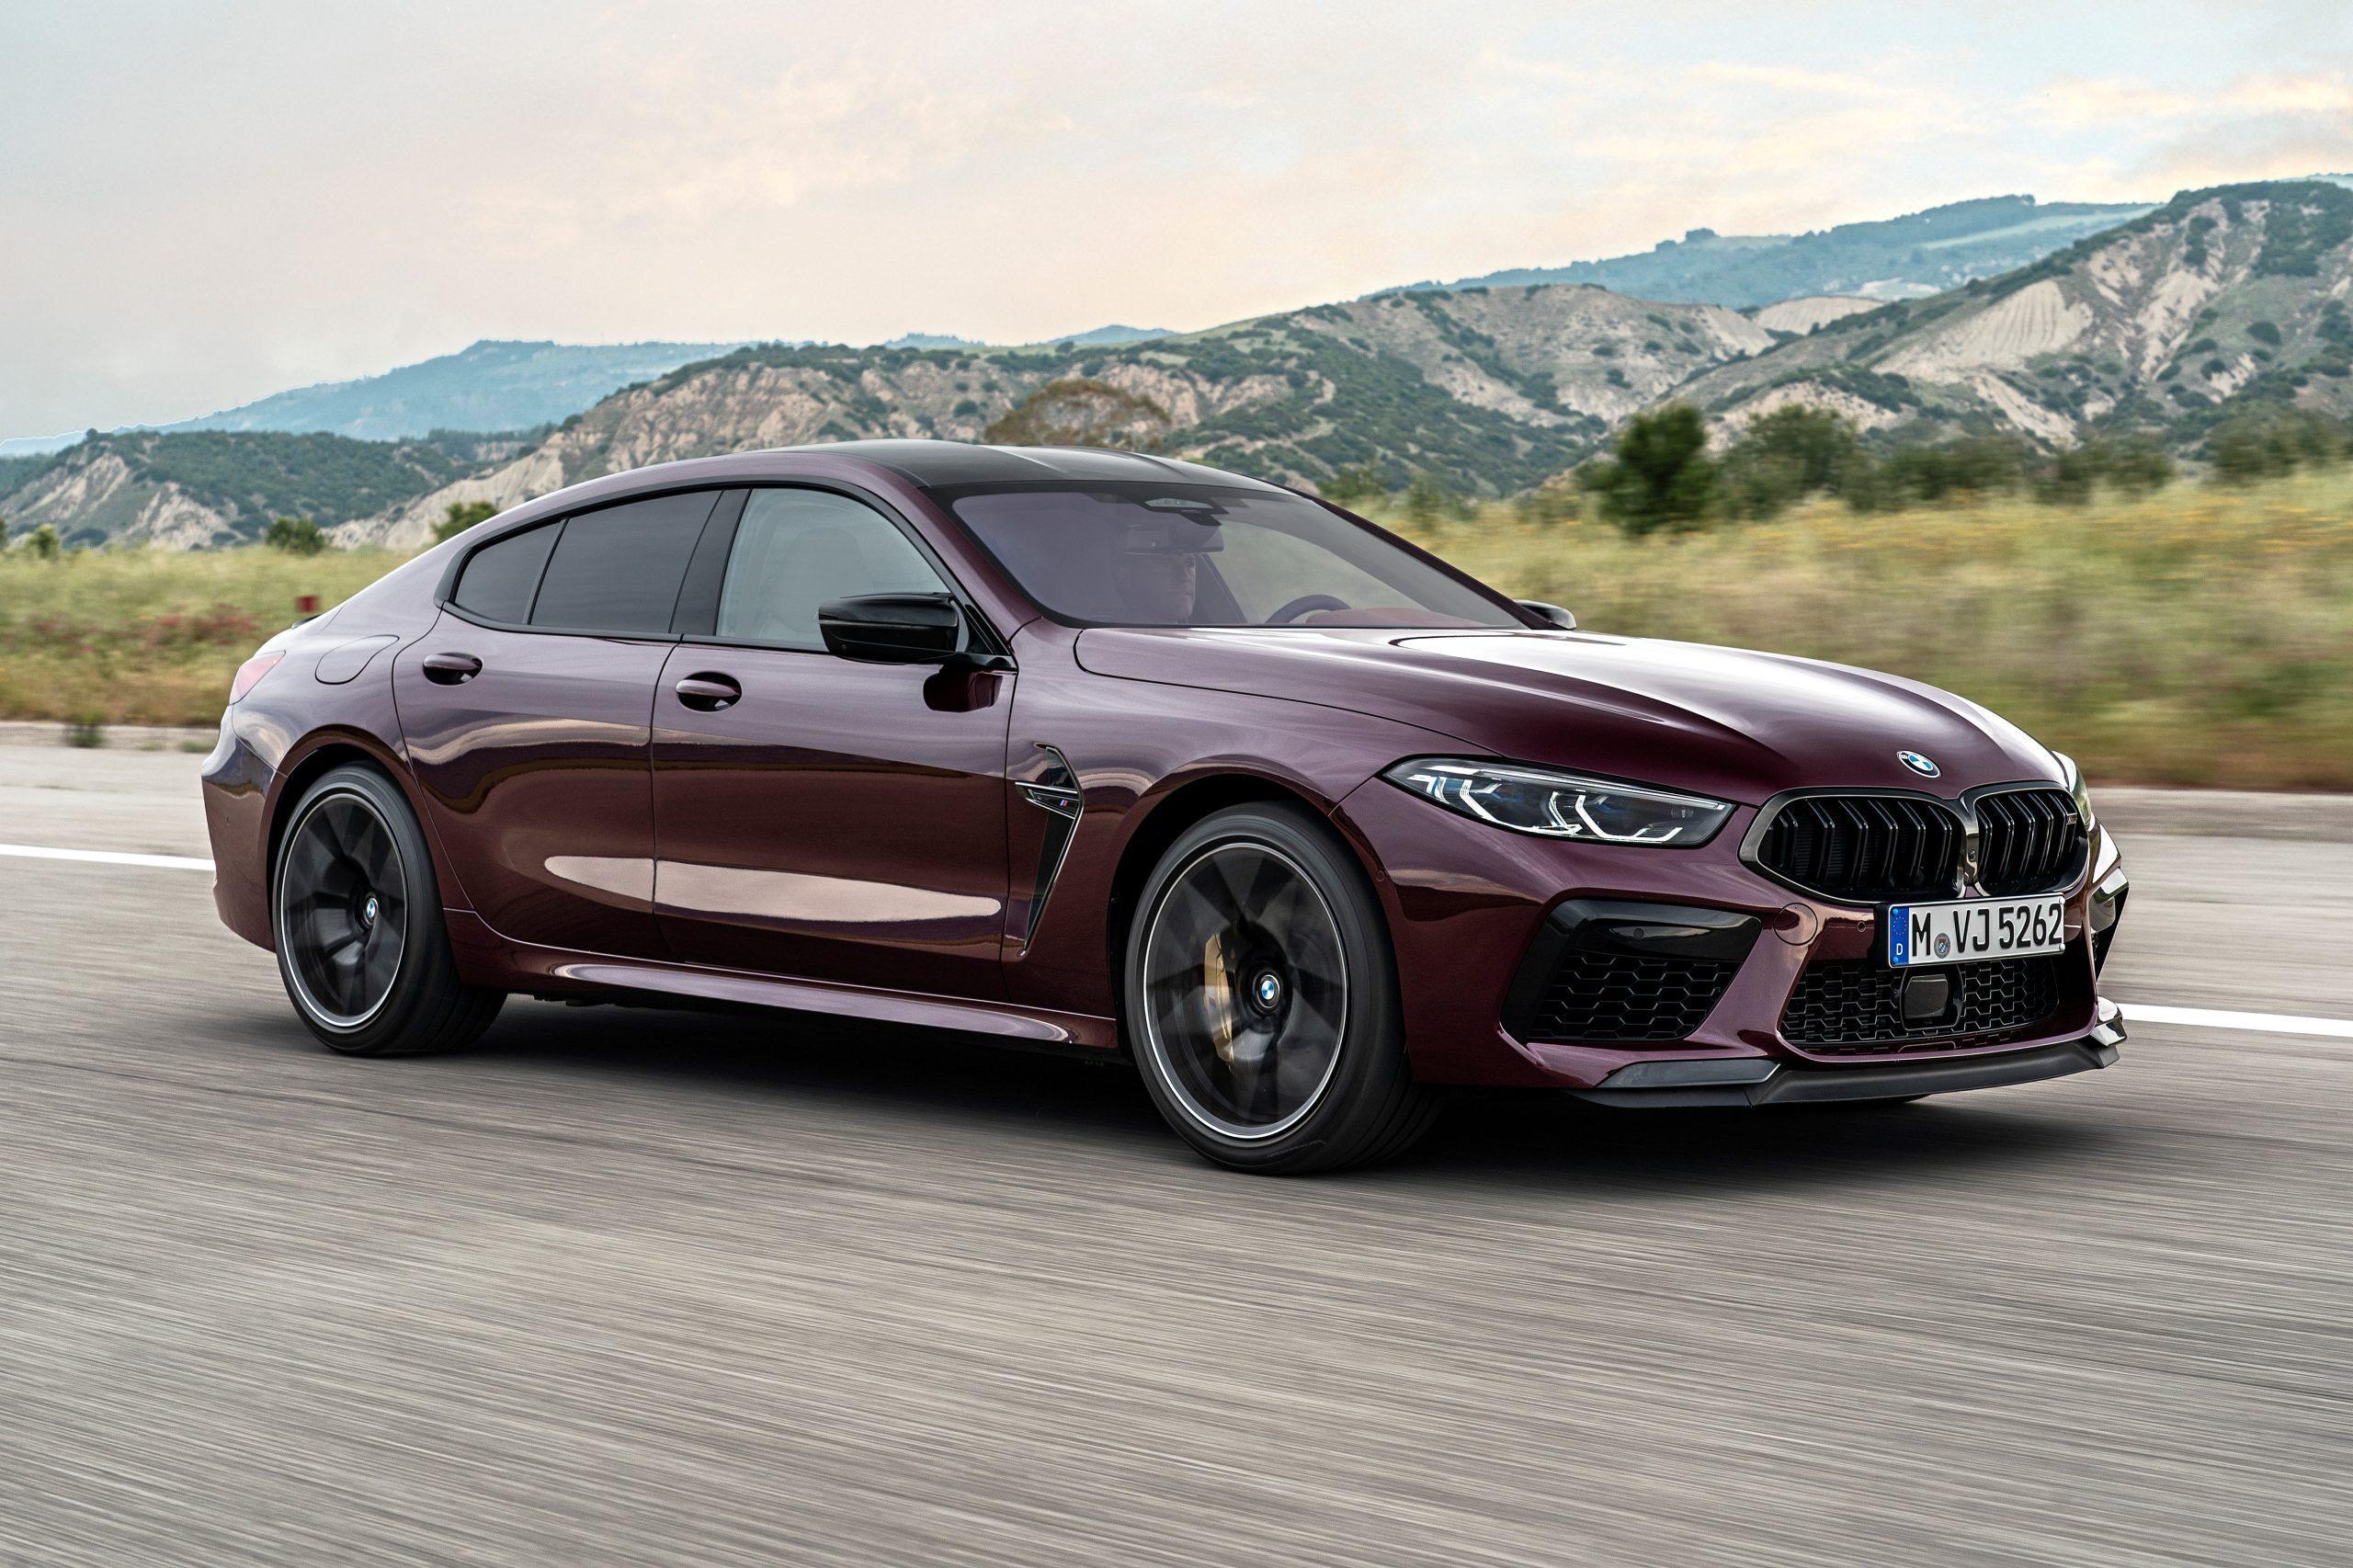 La nuova BMW M8